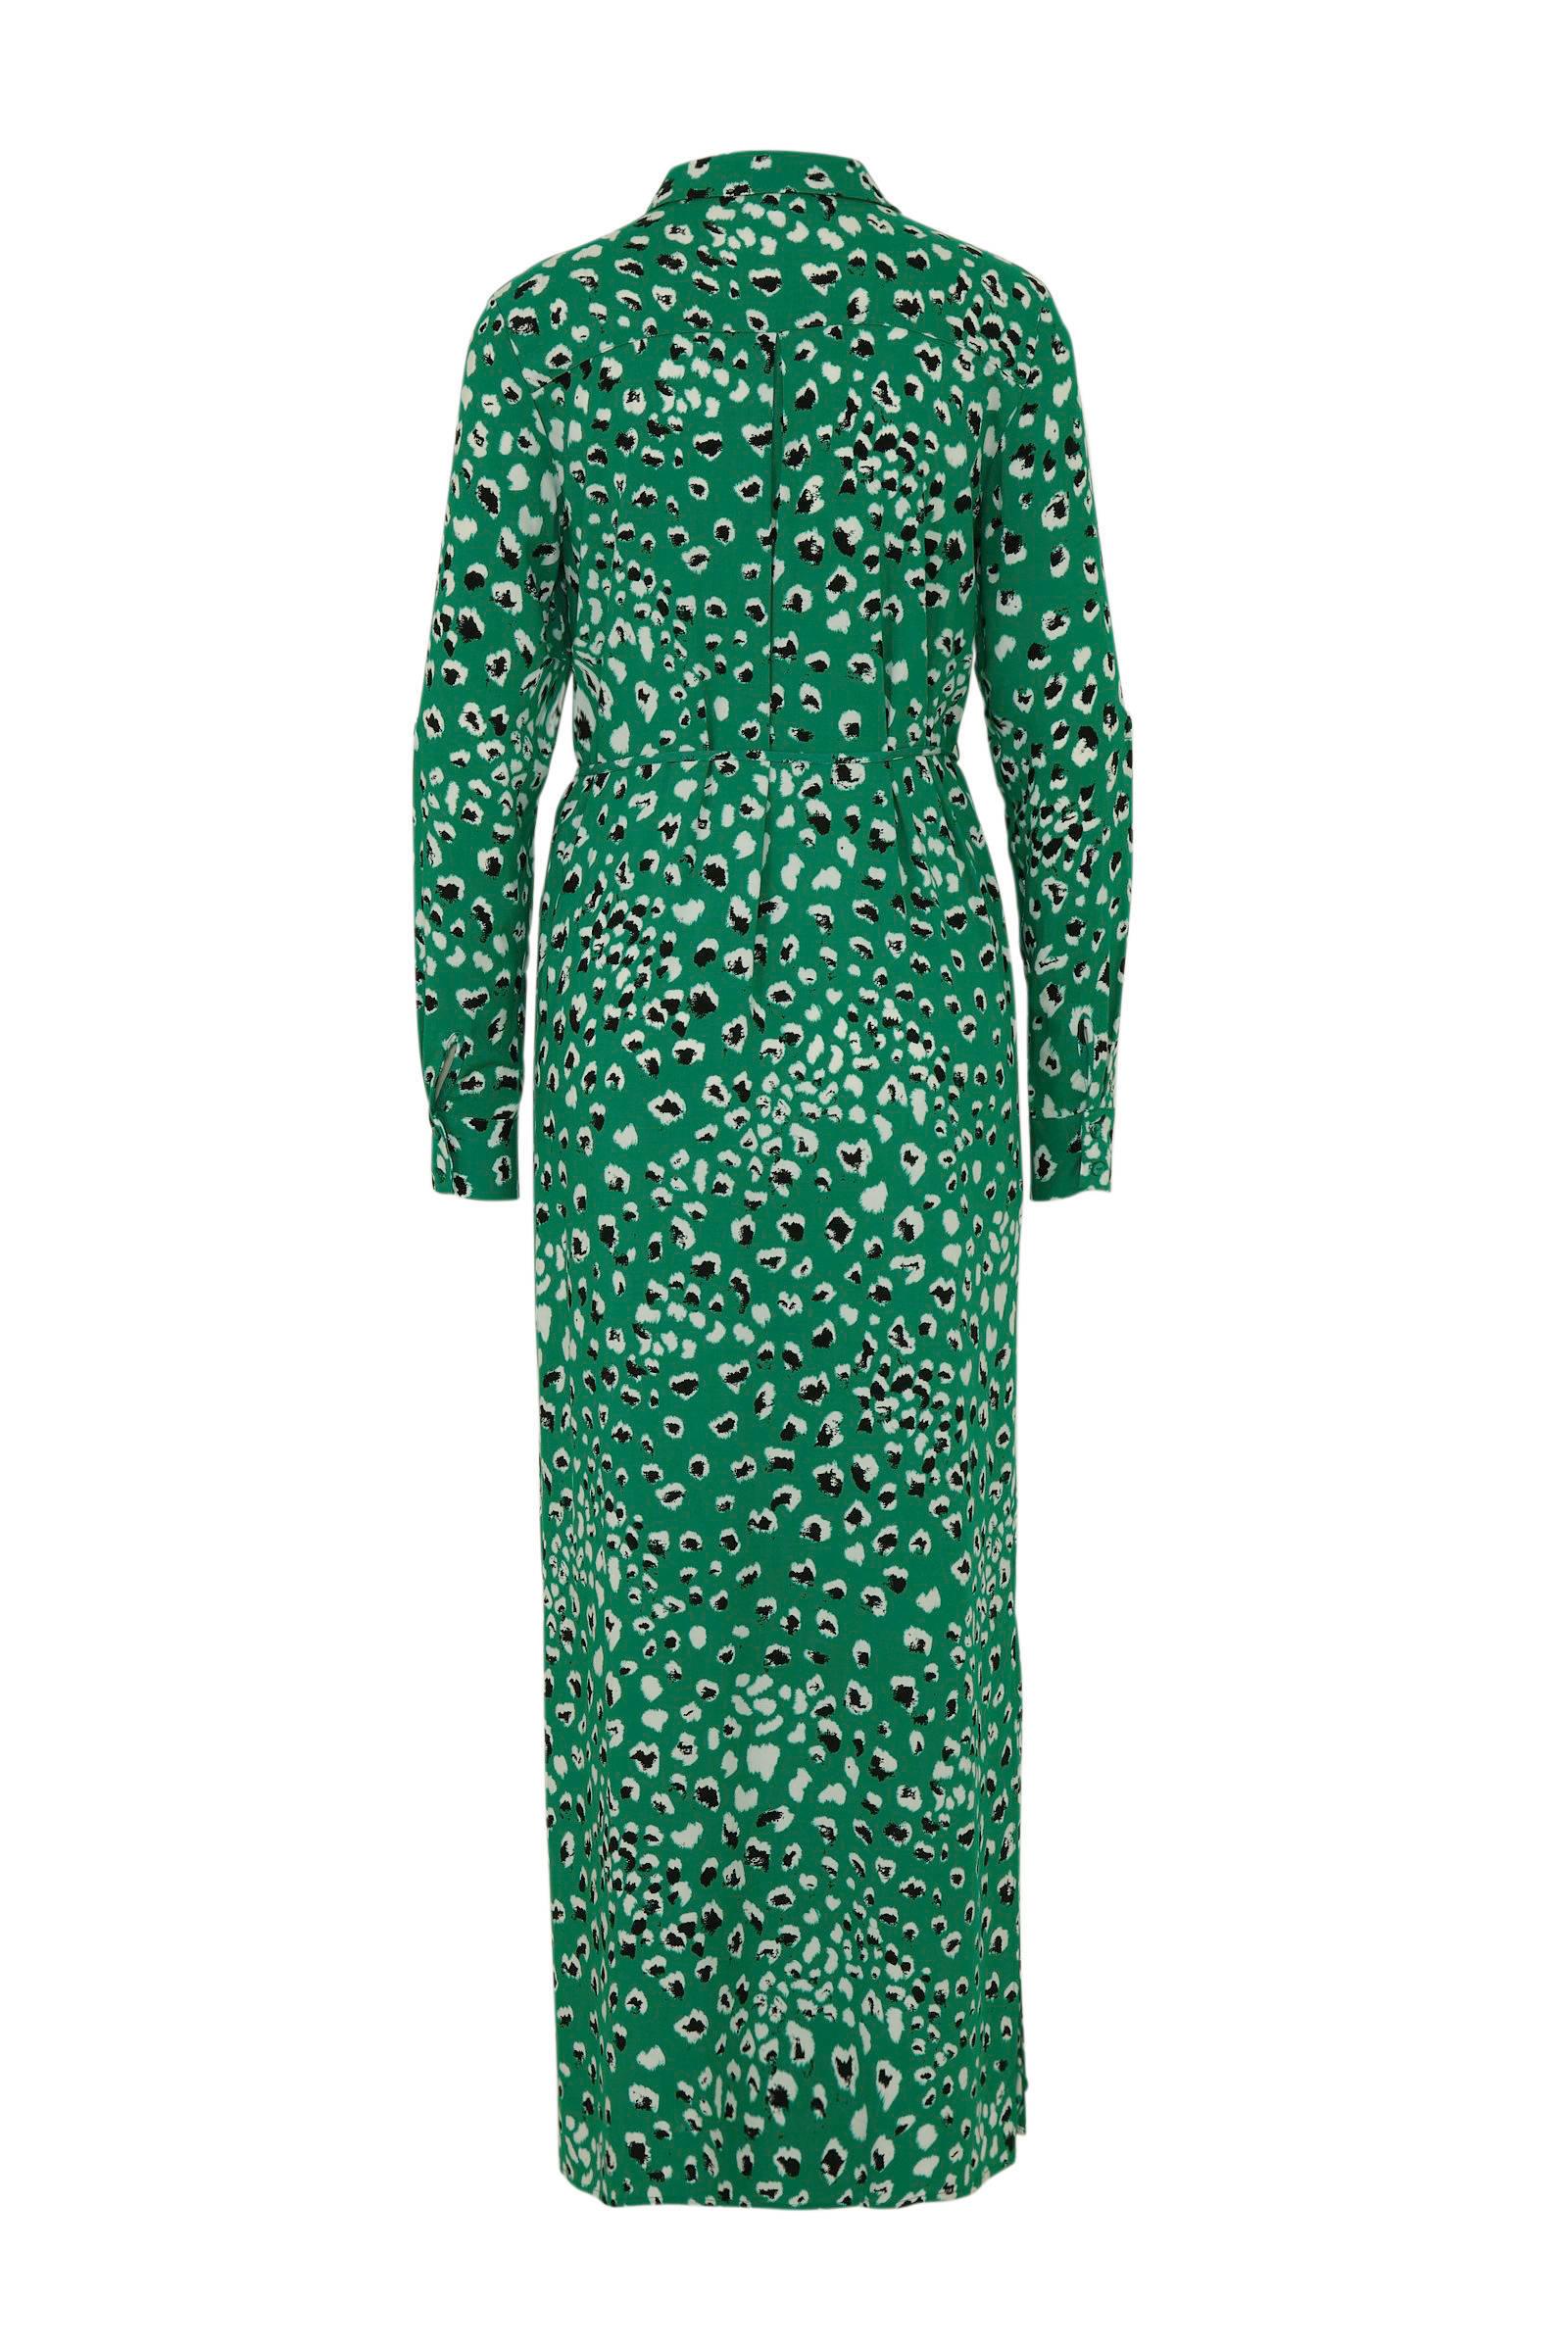 groen groen VILA met jurk VILA panterprint jurk met panterprint H84wdq4